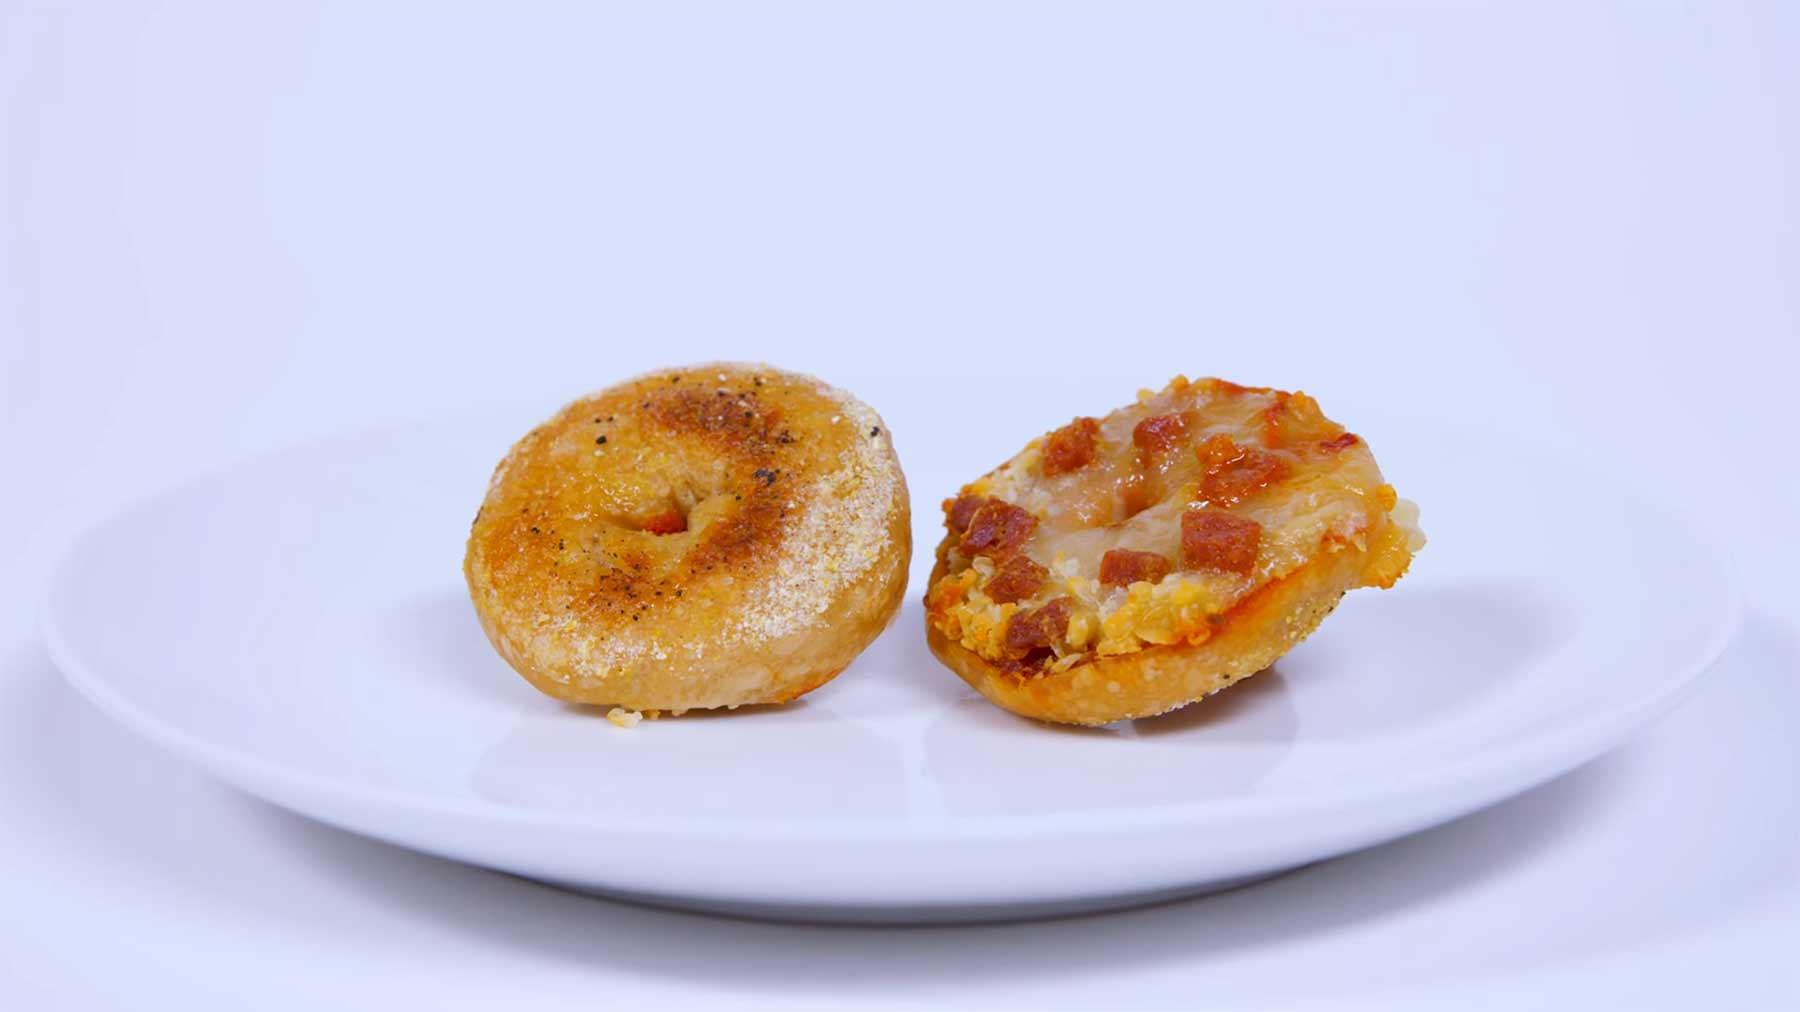 Gourmet-Köchin versucht, Bagel Bites nachzumachen